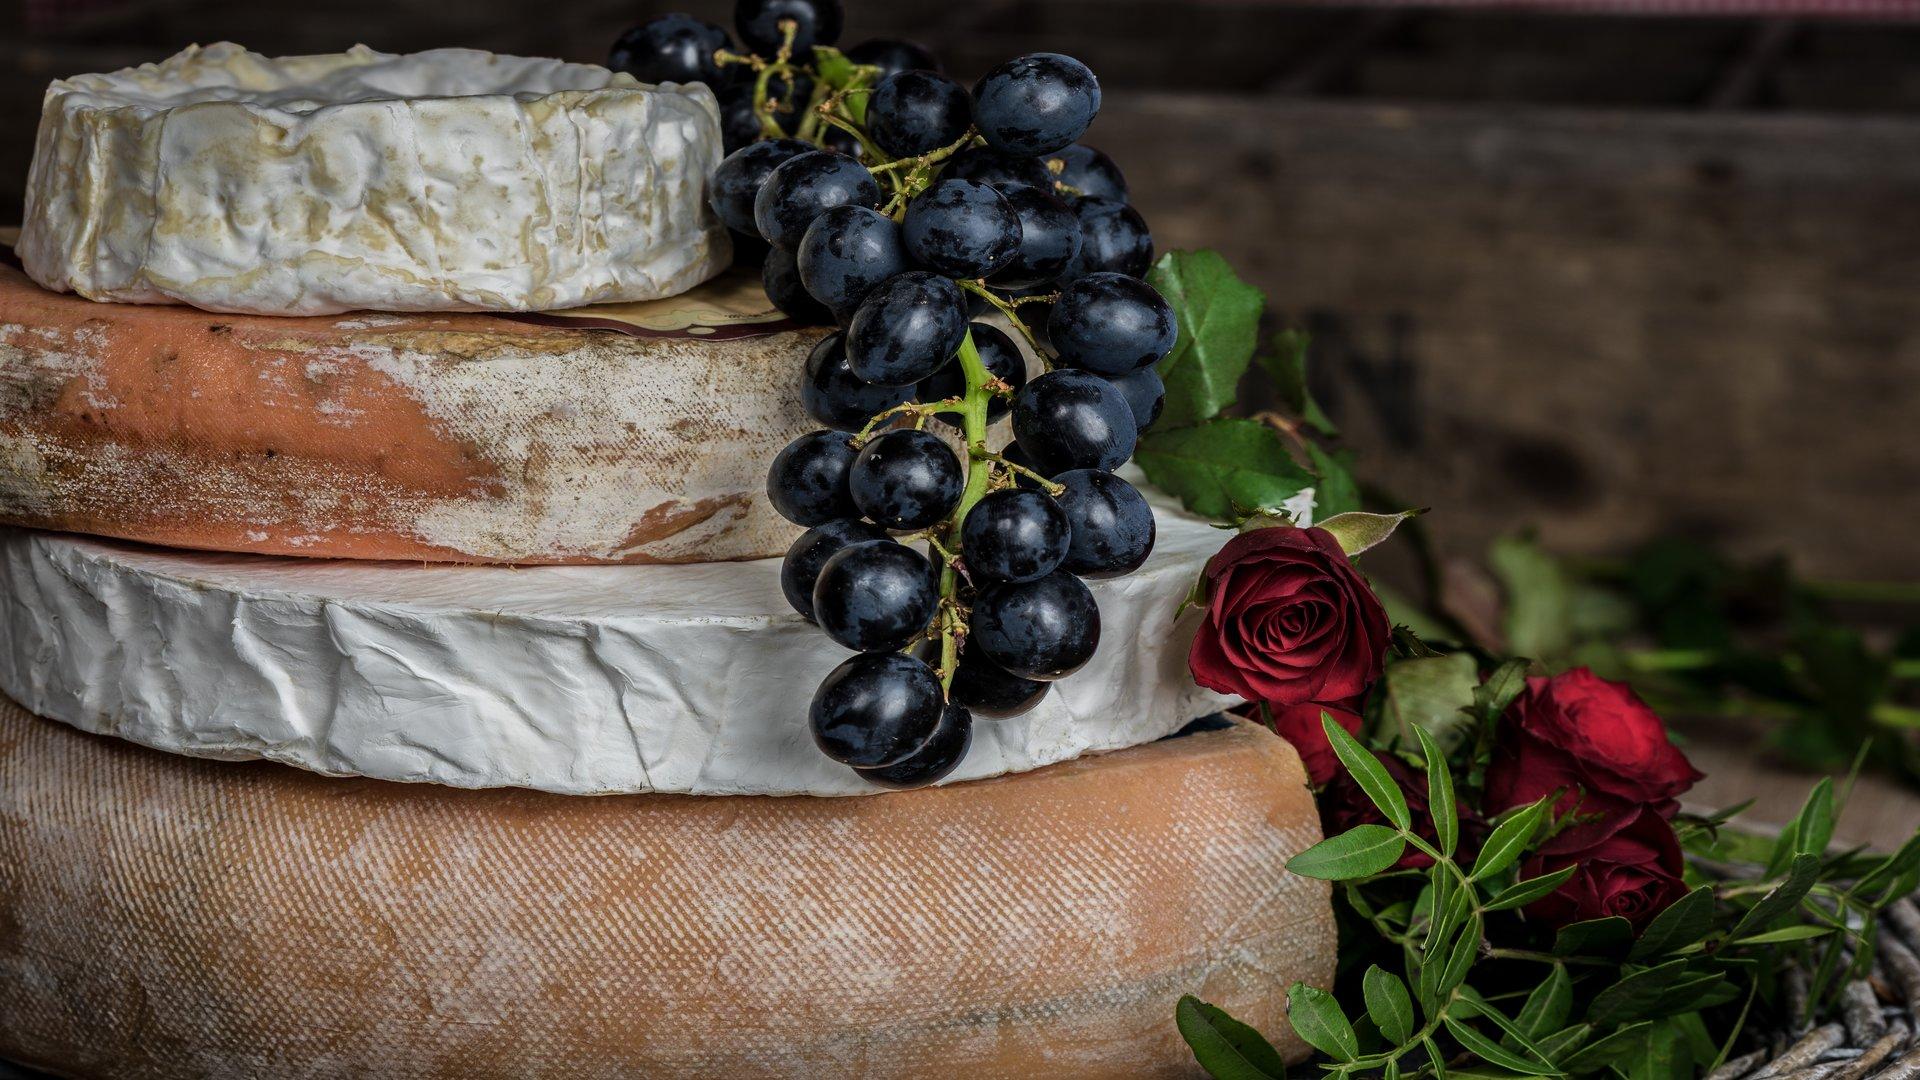 Comment classer un fromage? Découvrez les 5 types de pâte les plus communs